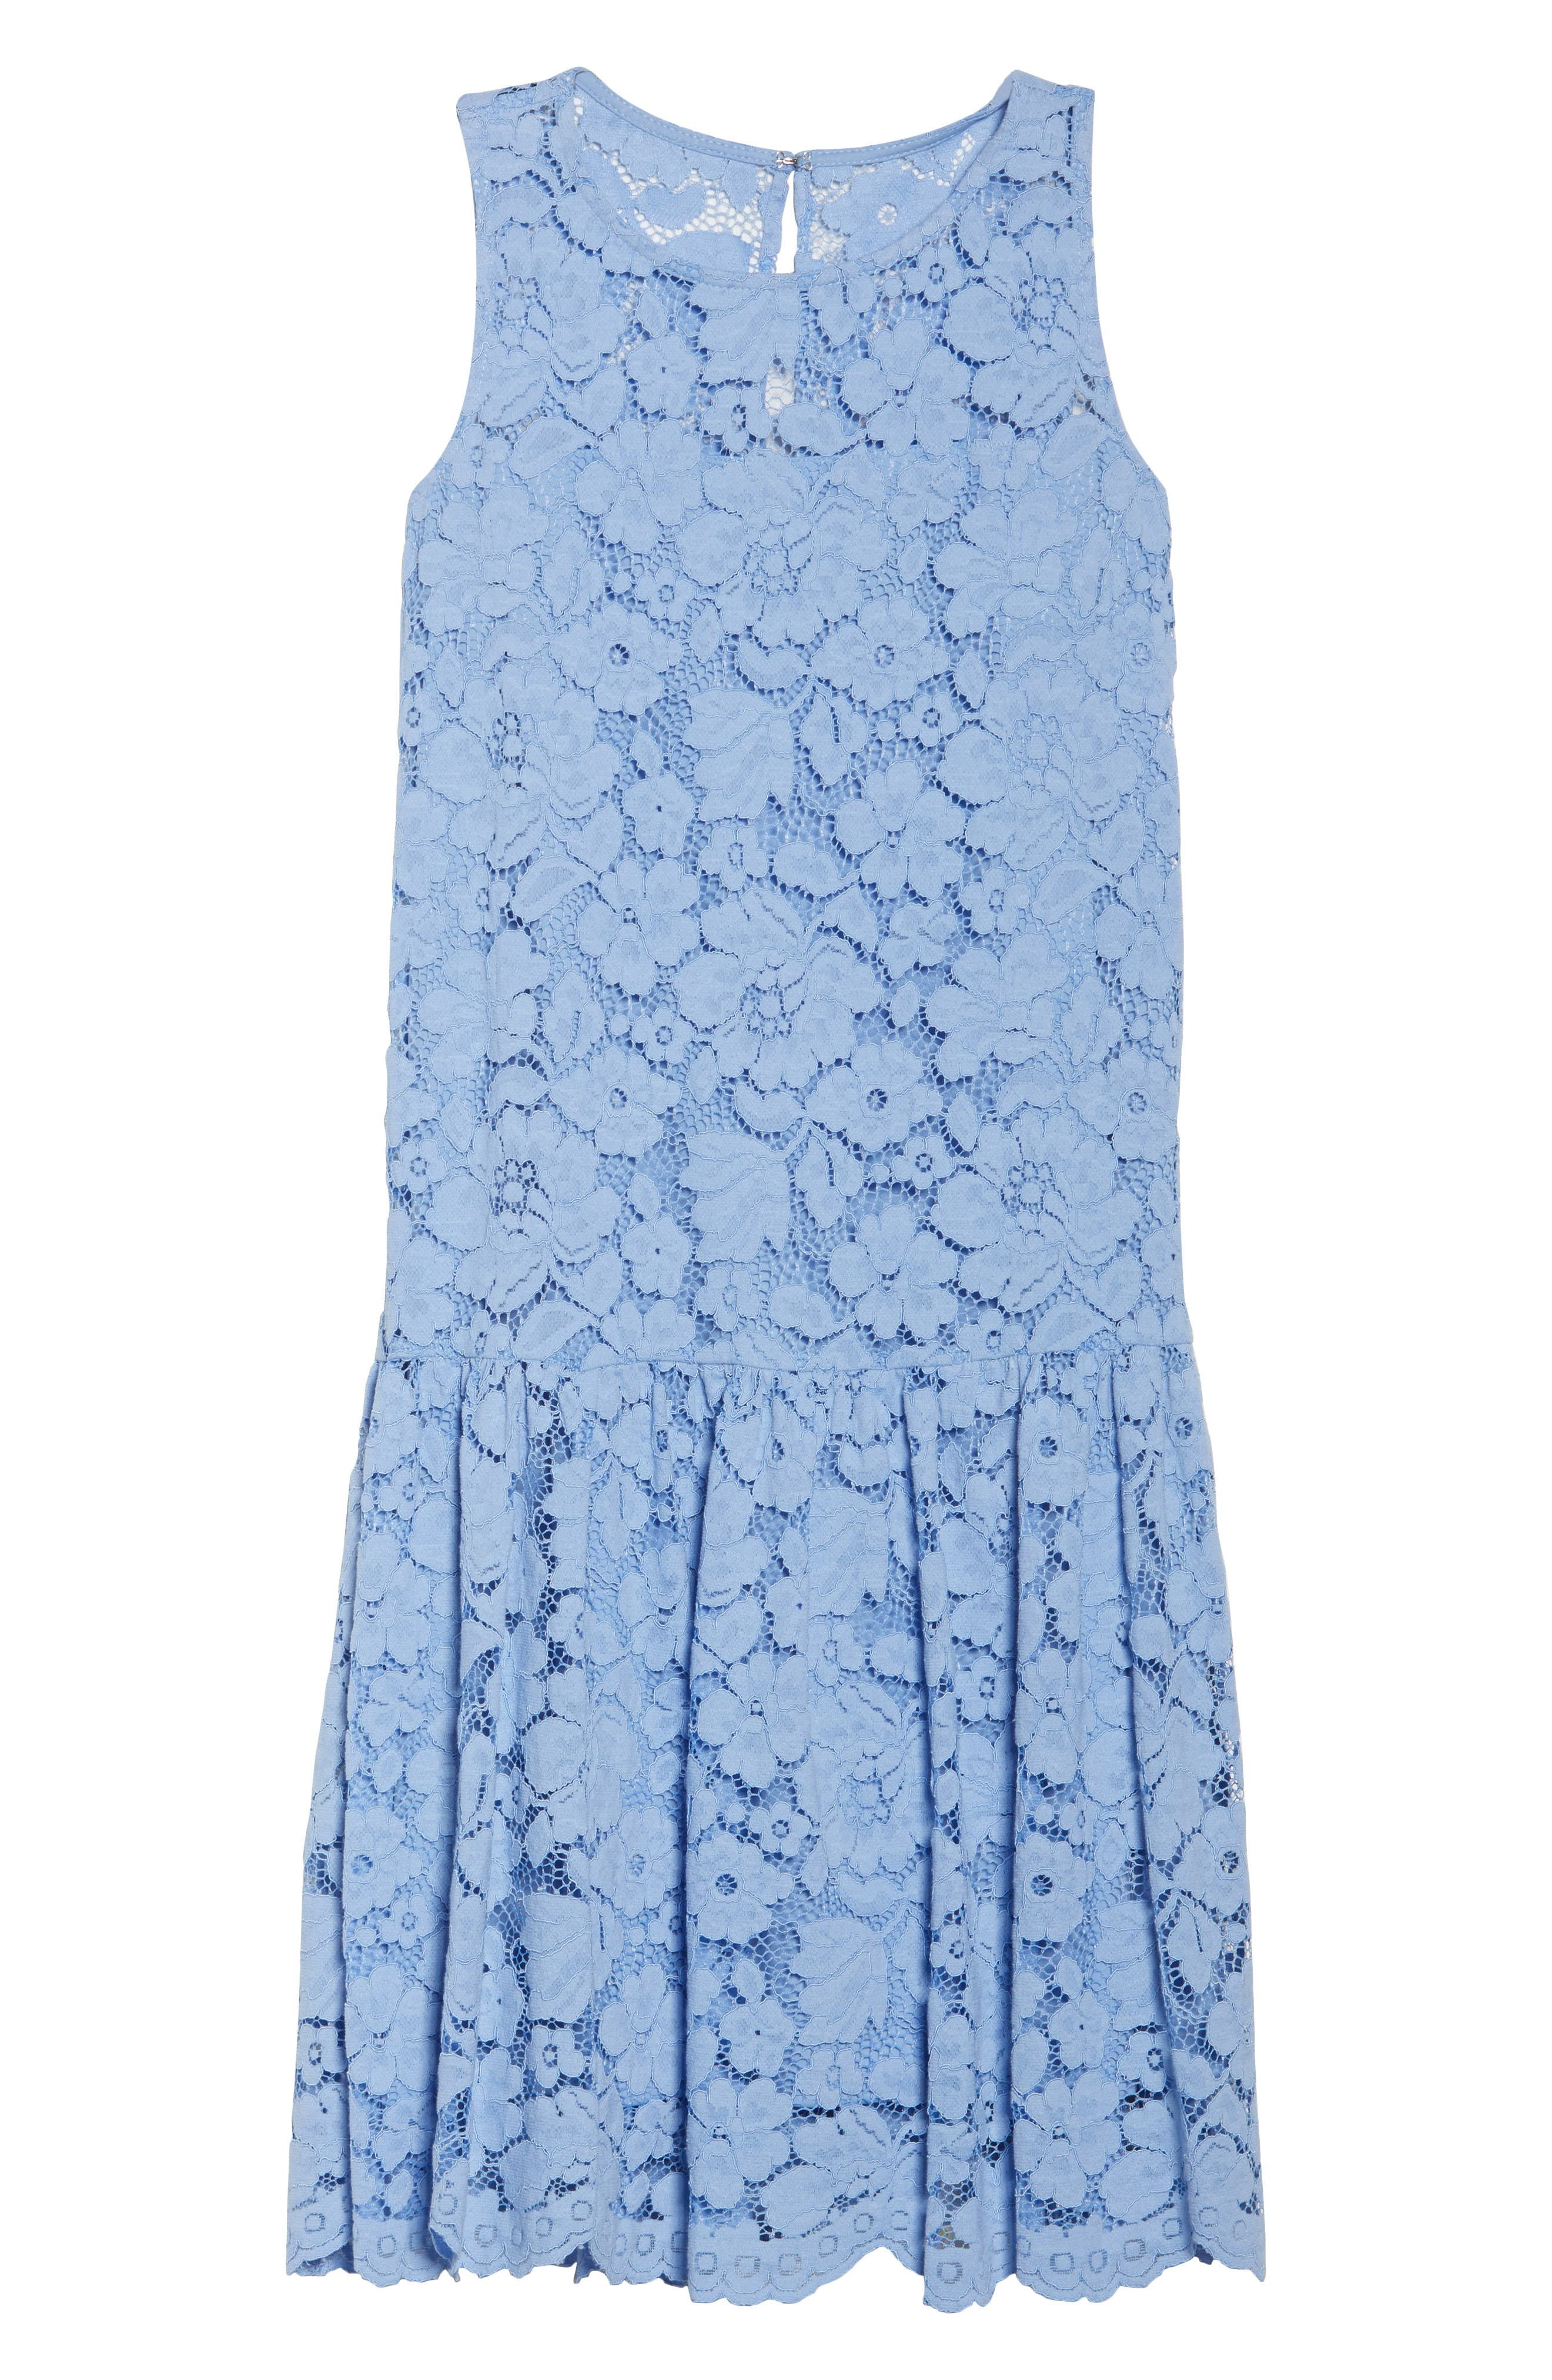 Lace Drop Waist Dress,                             Alternate thumbnail 7, color,                             Cornflower